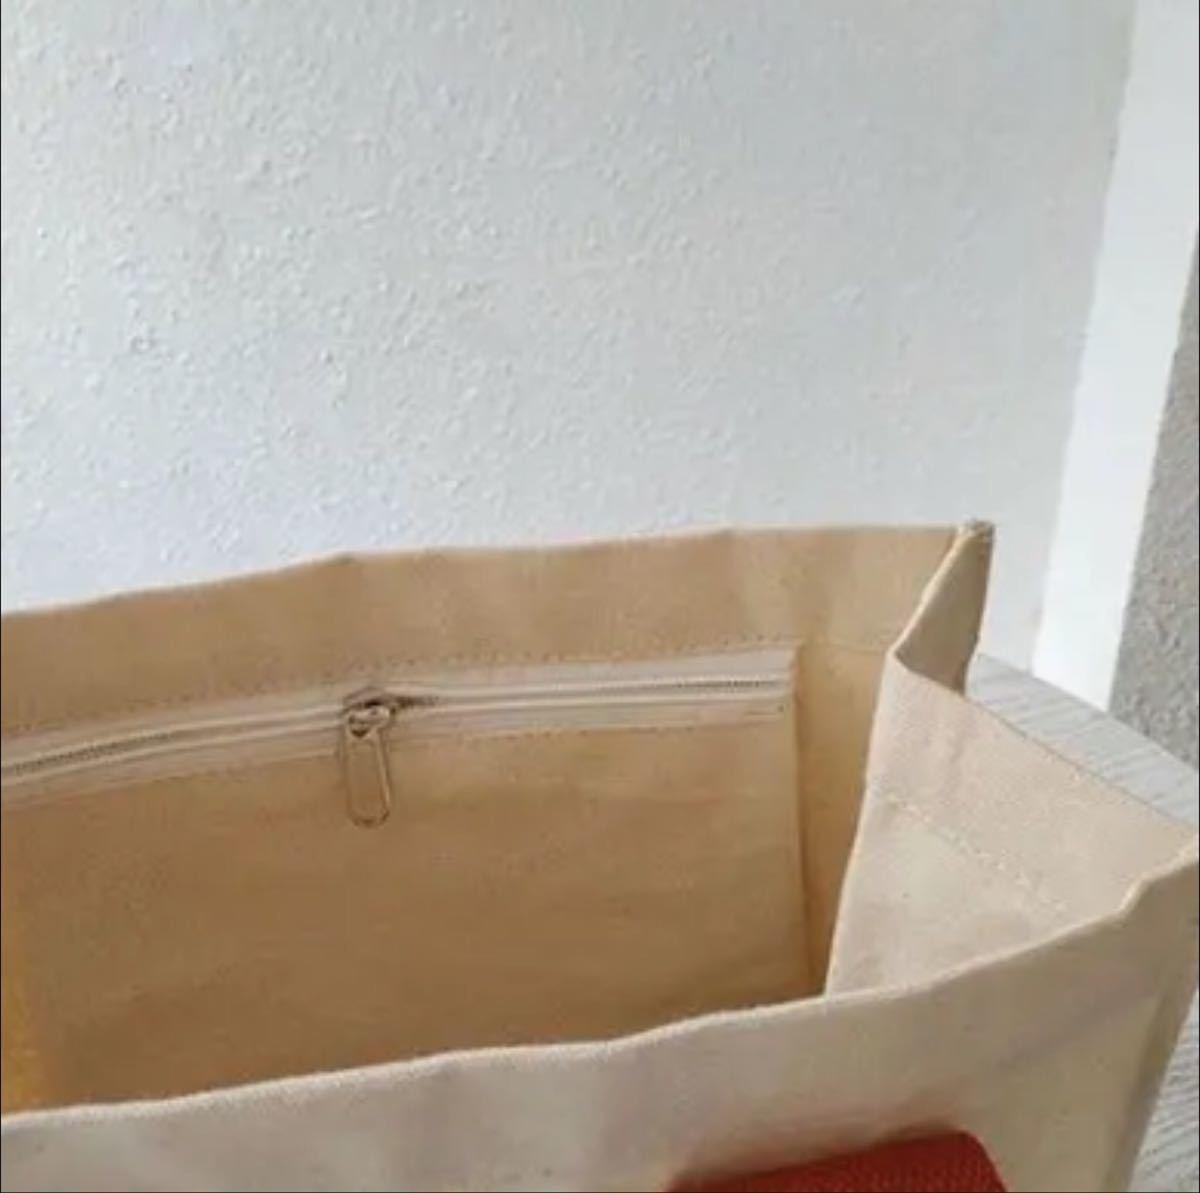 ロゴ入り 英字 ハンドバッグ トートバッグ エコバッグ  キャンバス 韓国 トート トートバッグ キャンパス レッド